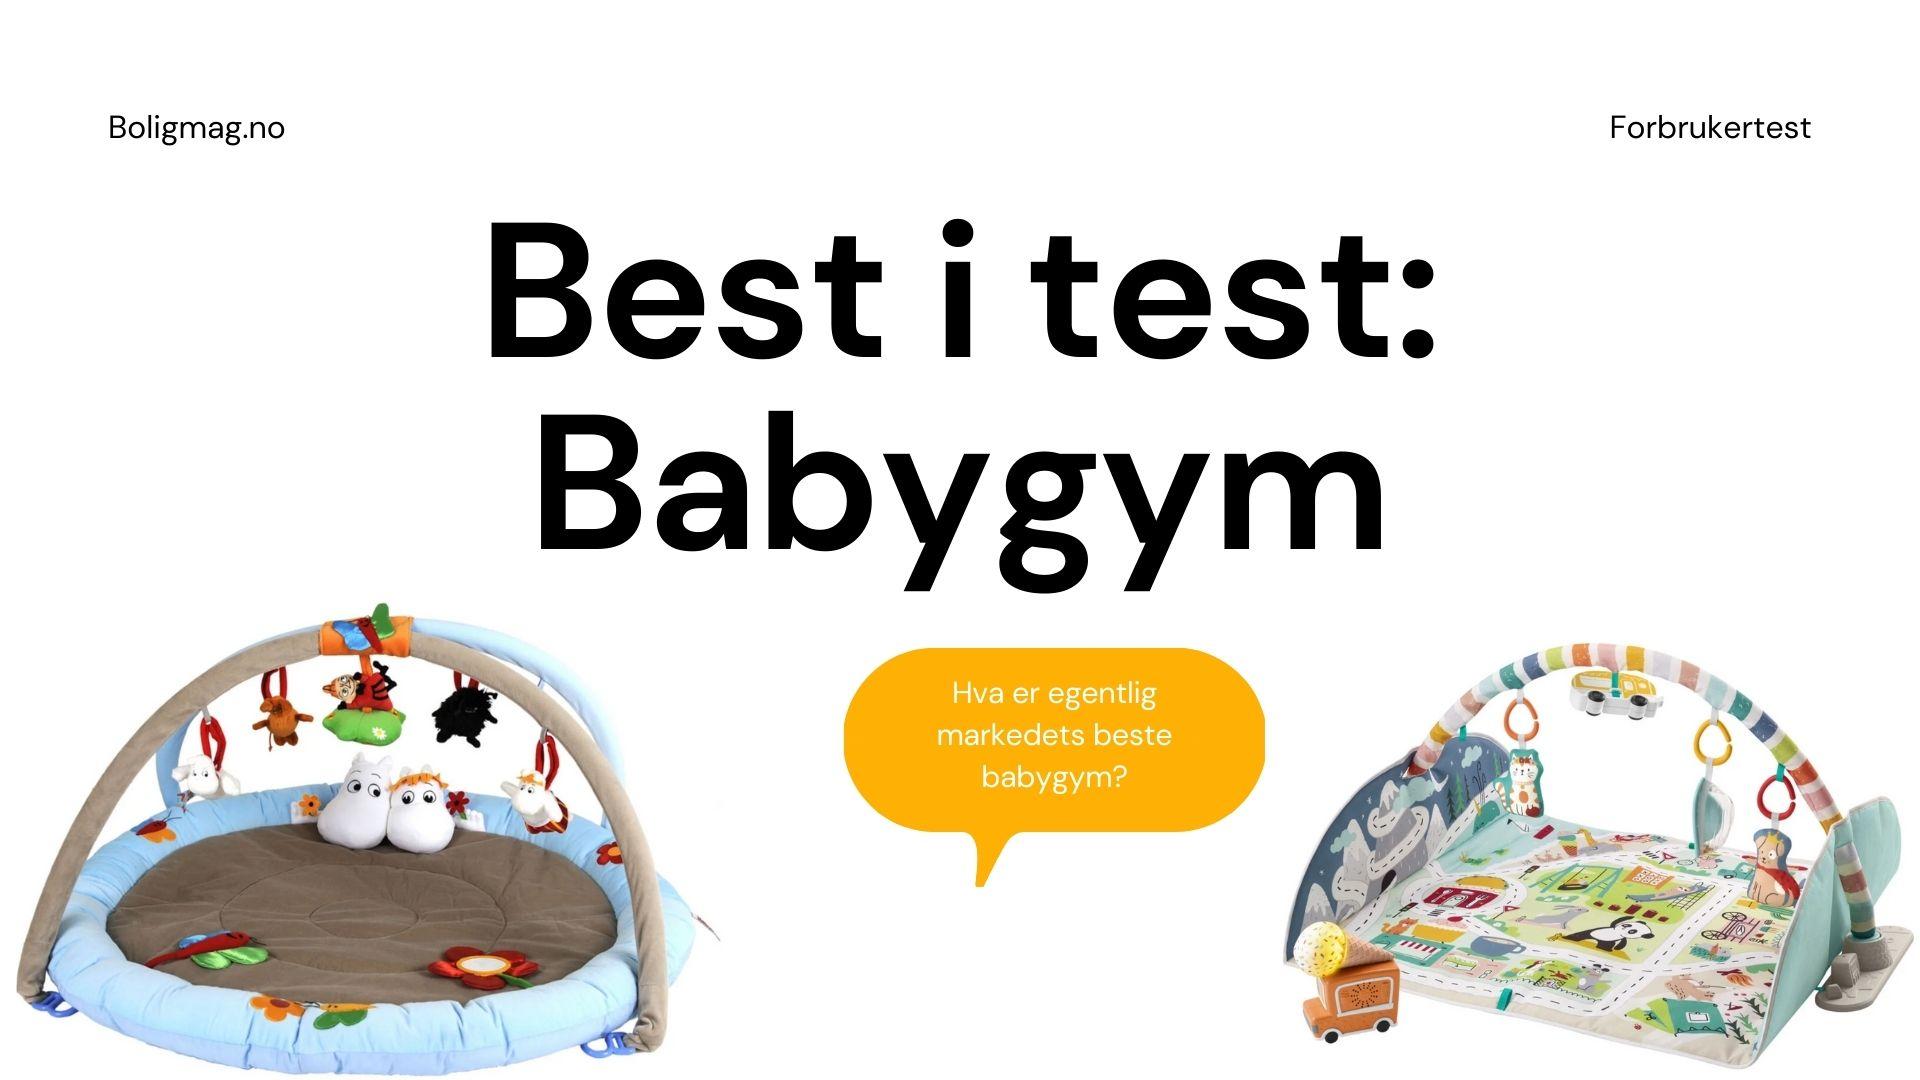 Babygym test: Topp 8 aktivitetsmatter for lekne babyer